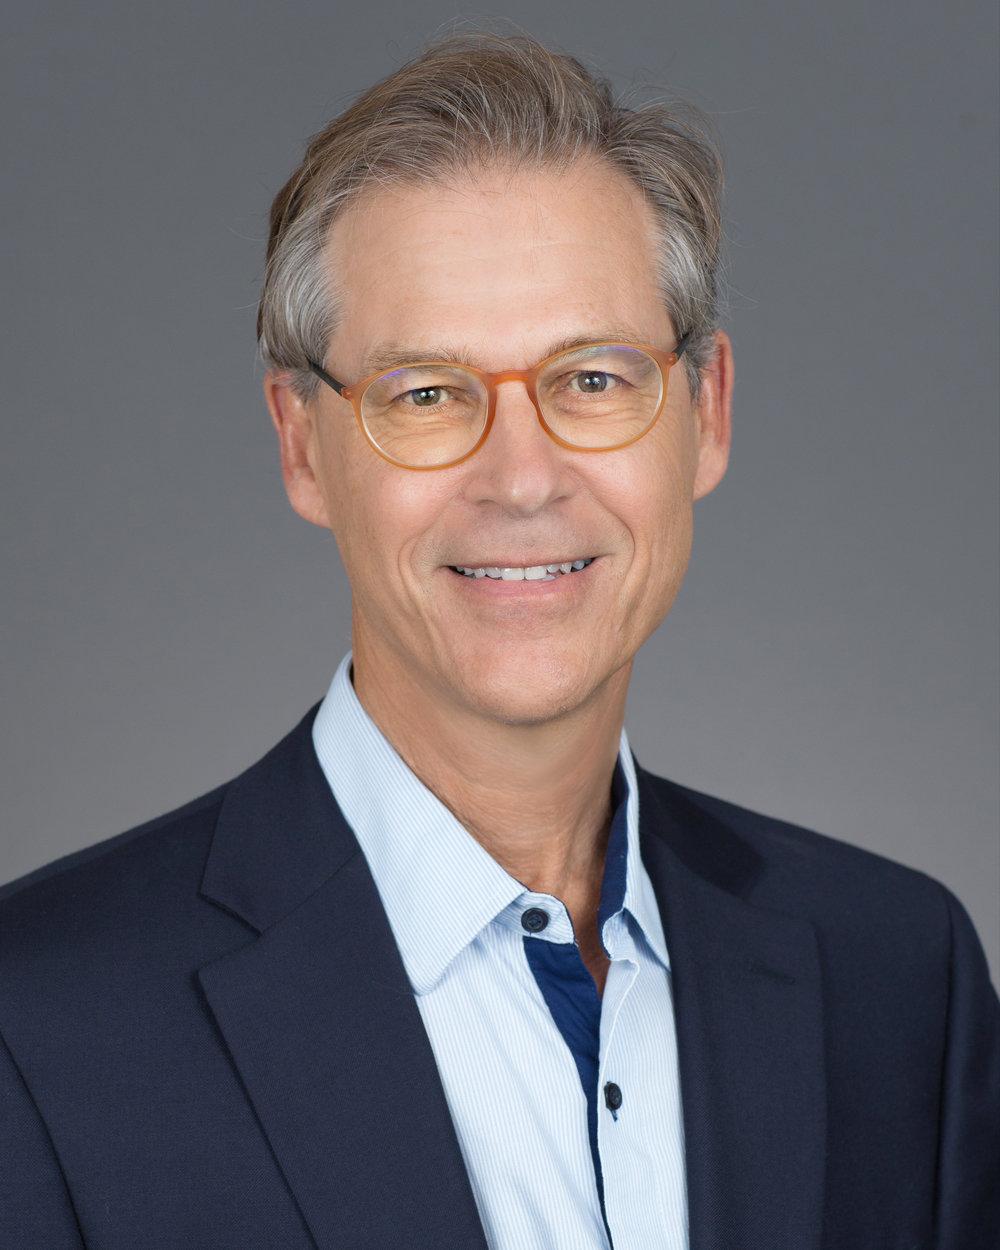 David campell, MD